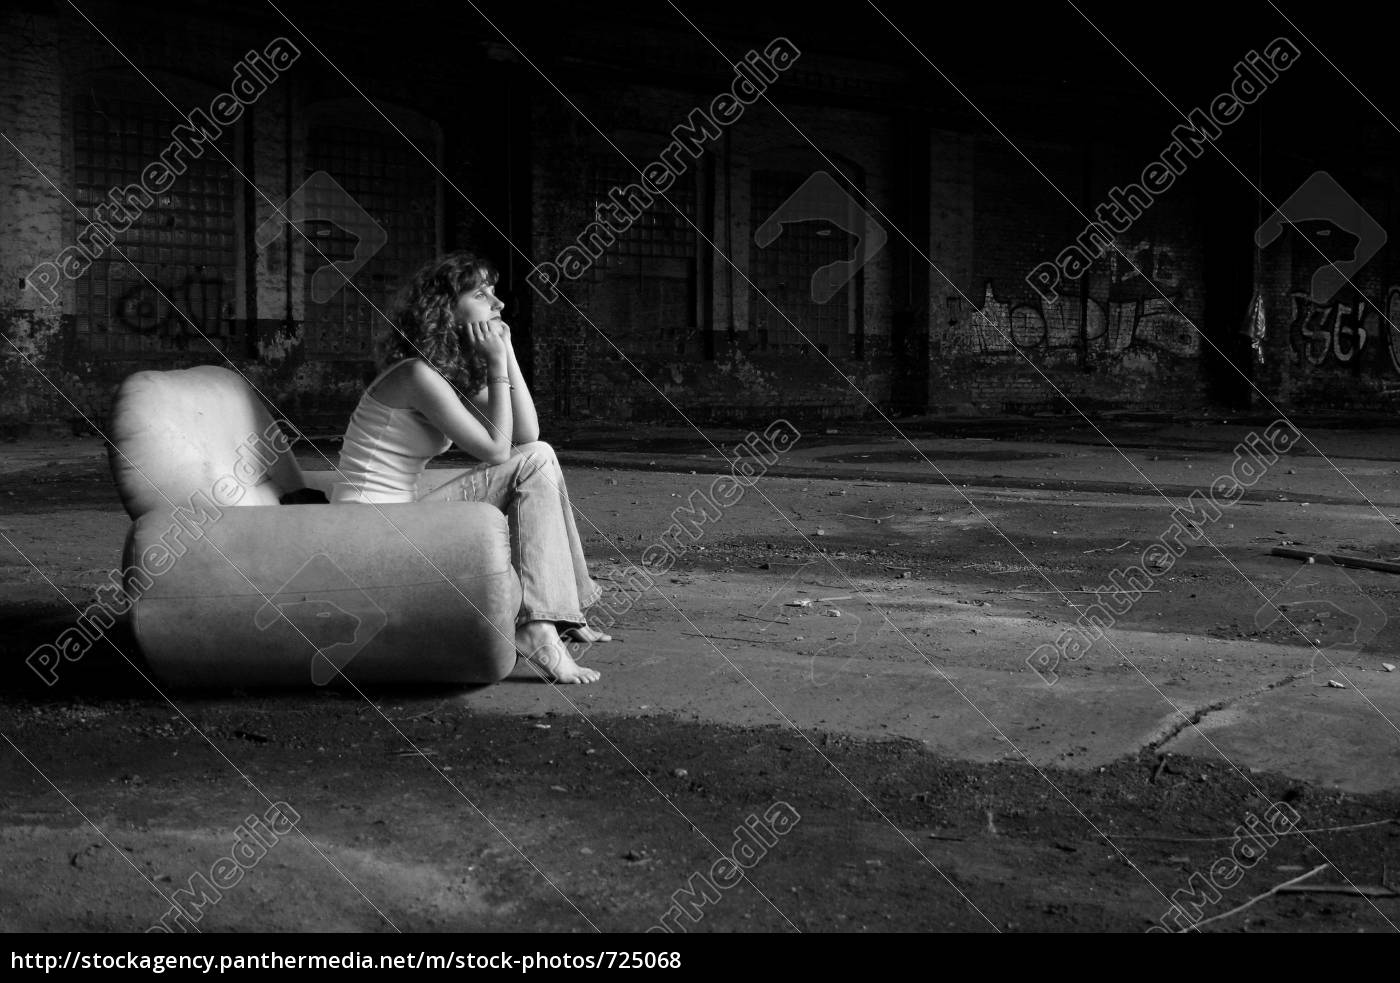 einsam, 1 - 725068